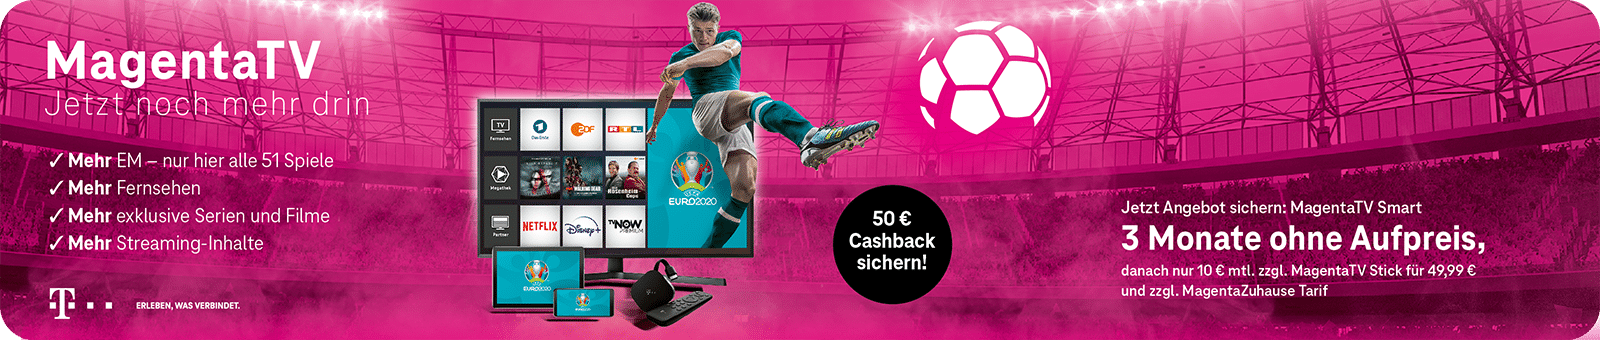 Telekom – Magenta TV EM